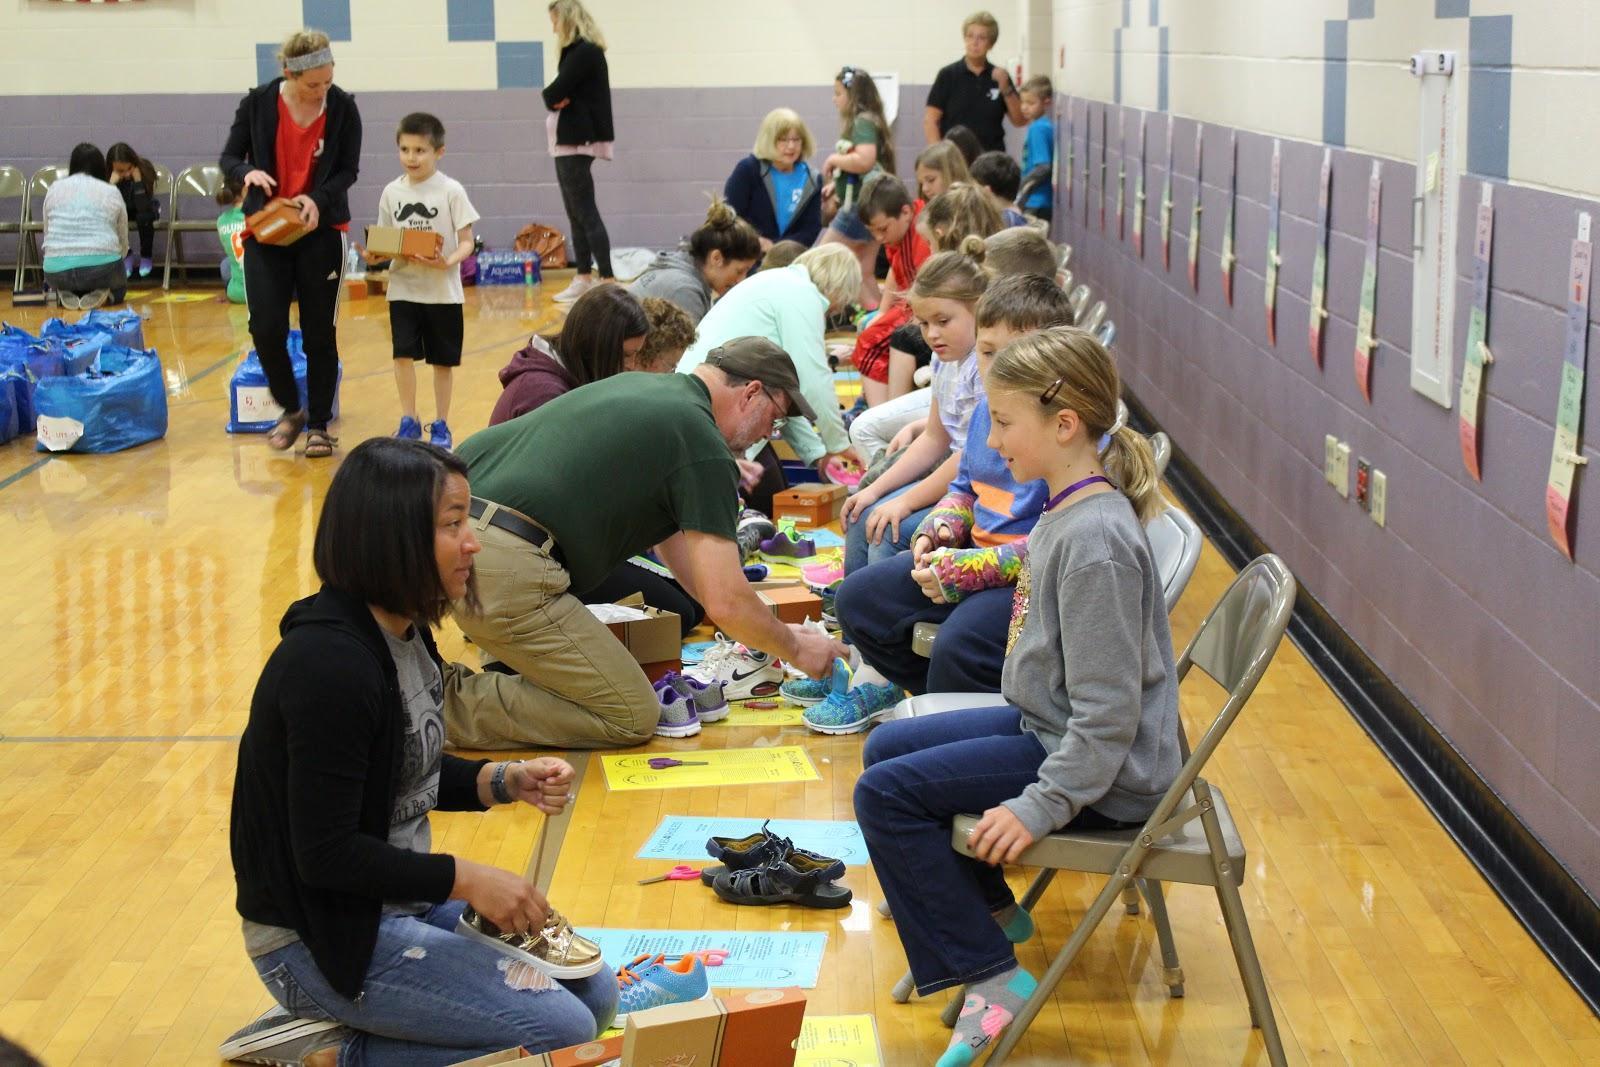 Preble County shoe donation event